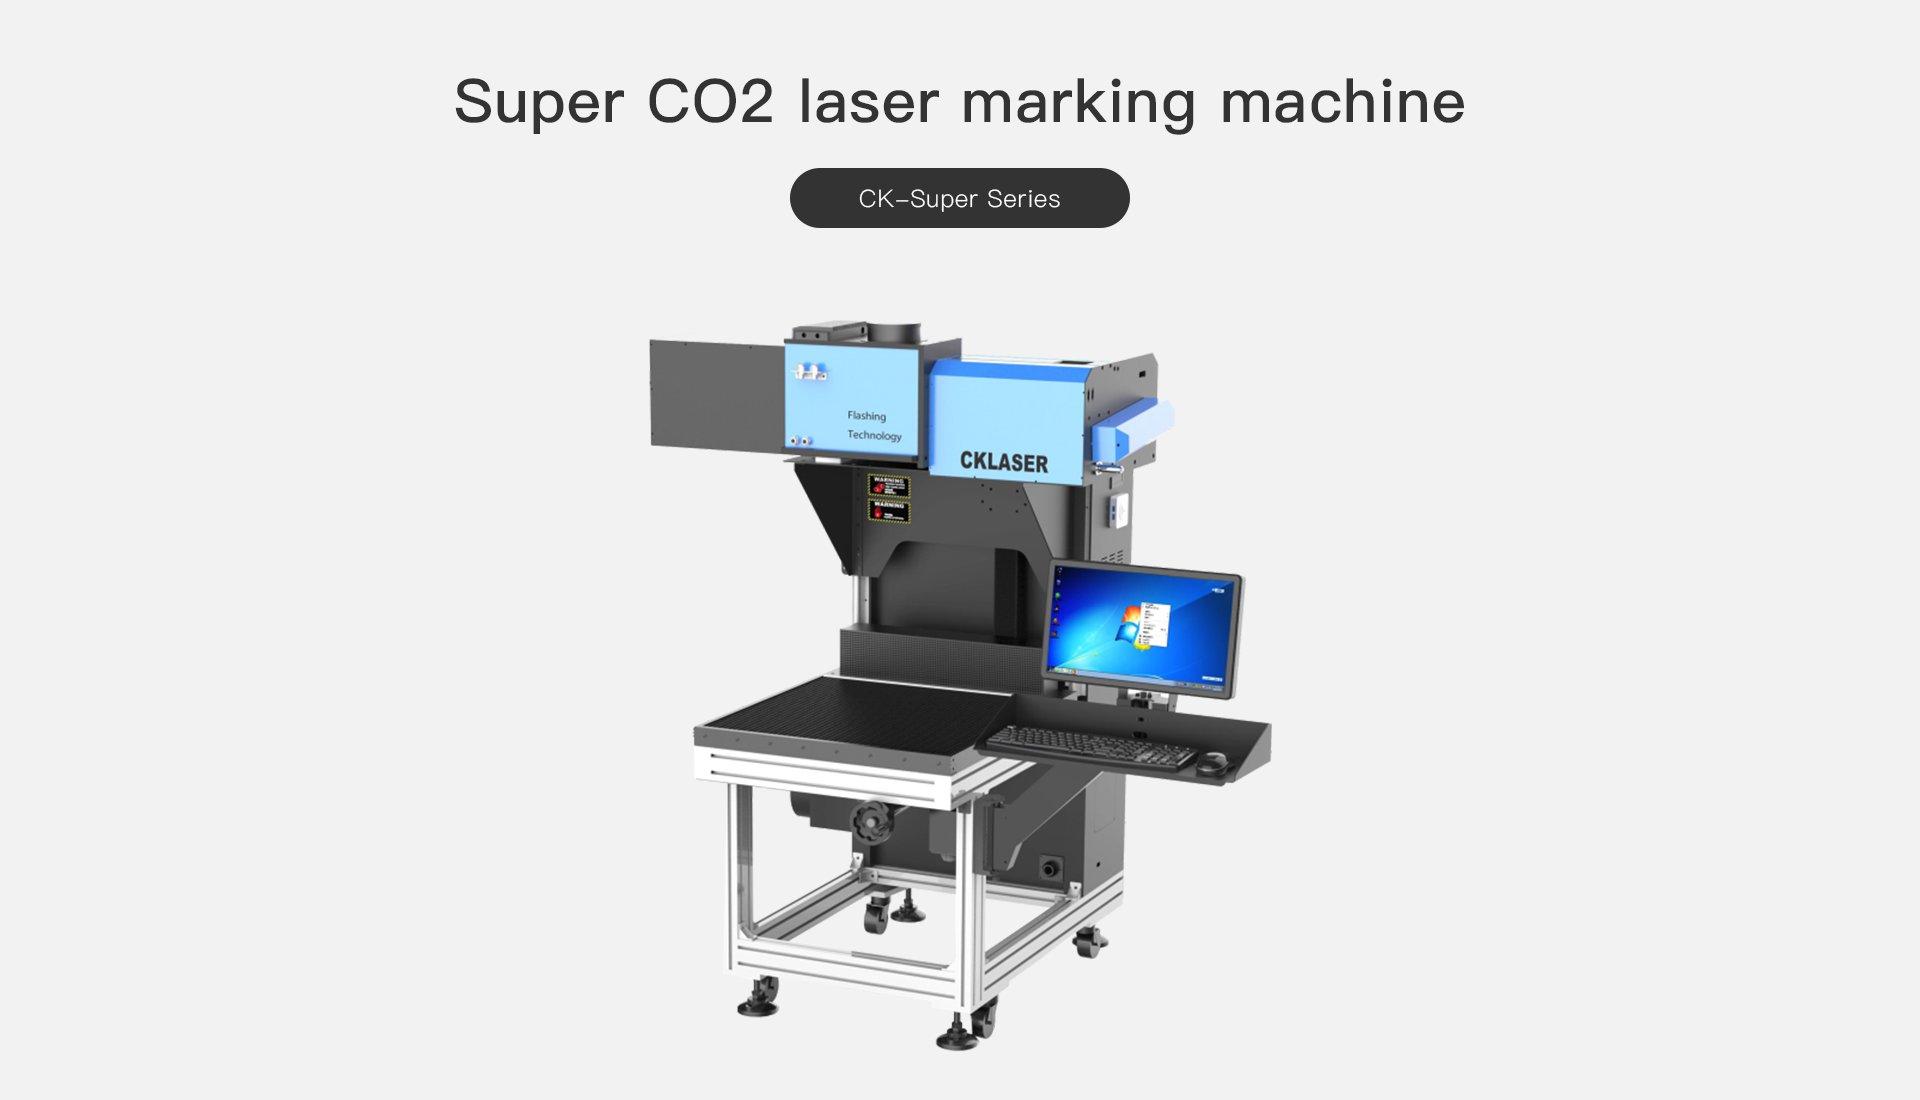 Taste Laser-co2 laser machine